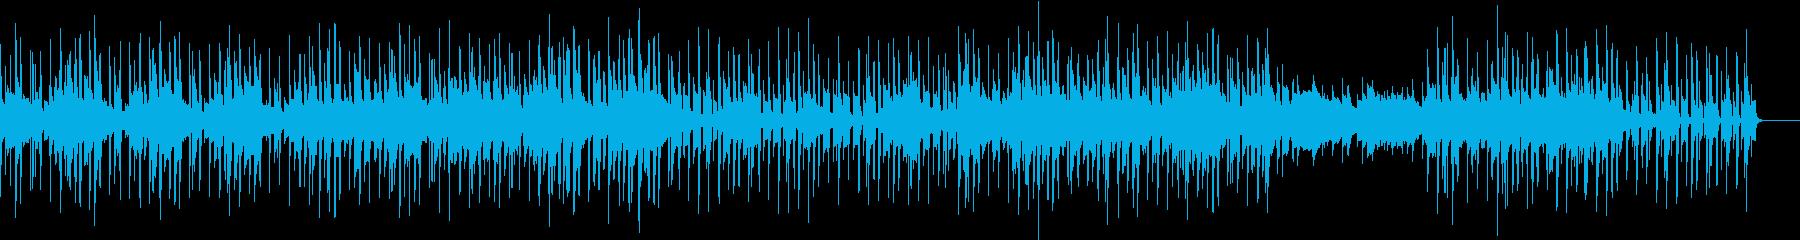 ほのぼのとした雰囲気 トリップ チルの再生済みの波形